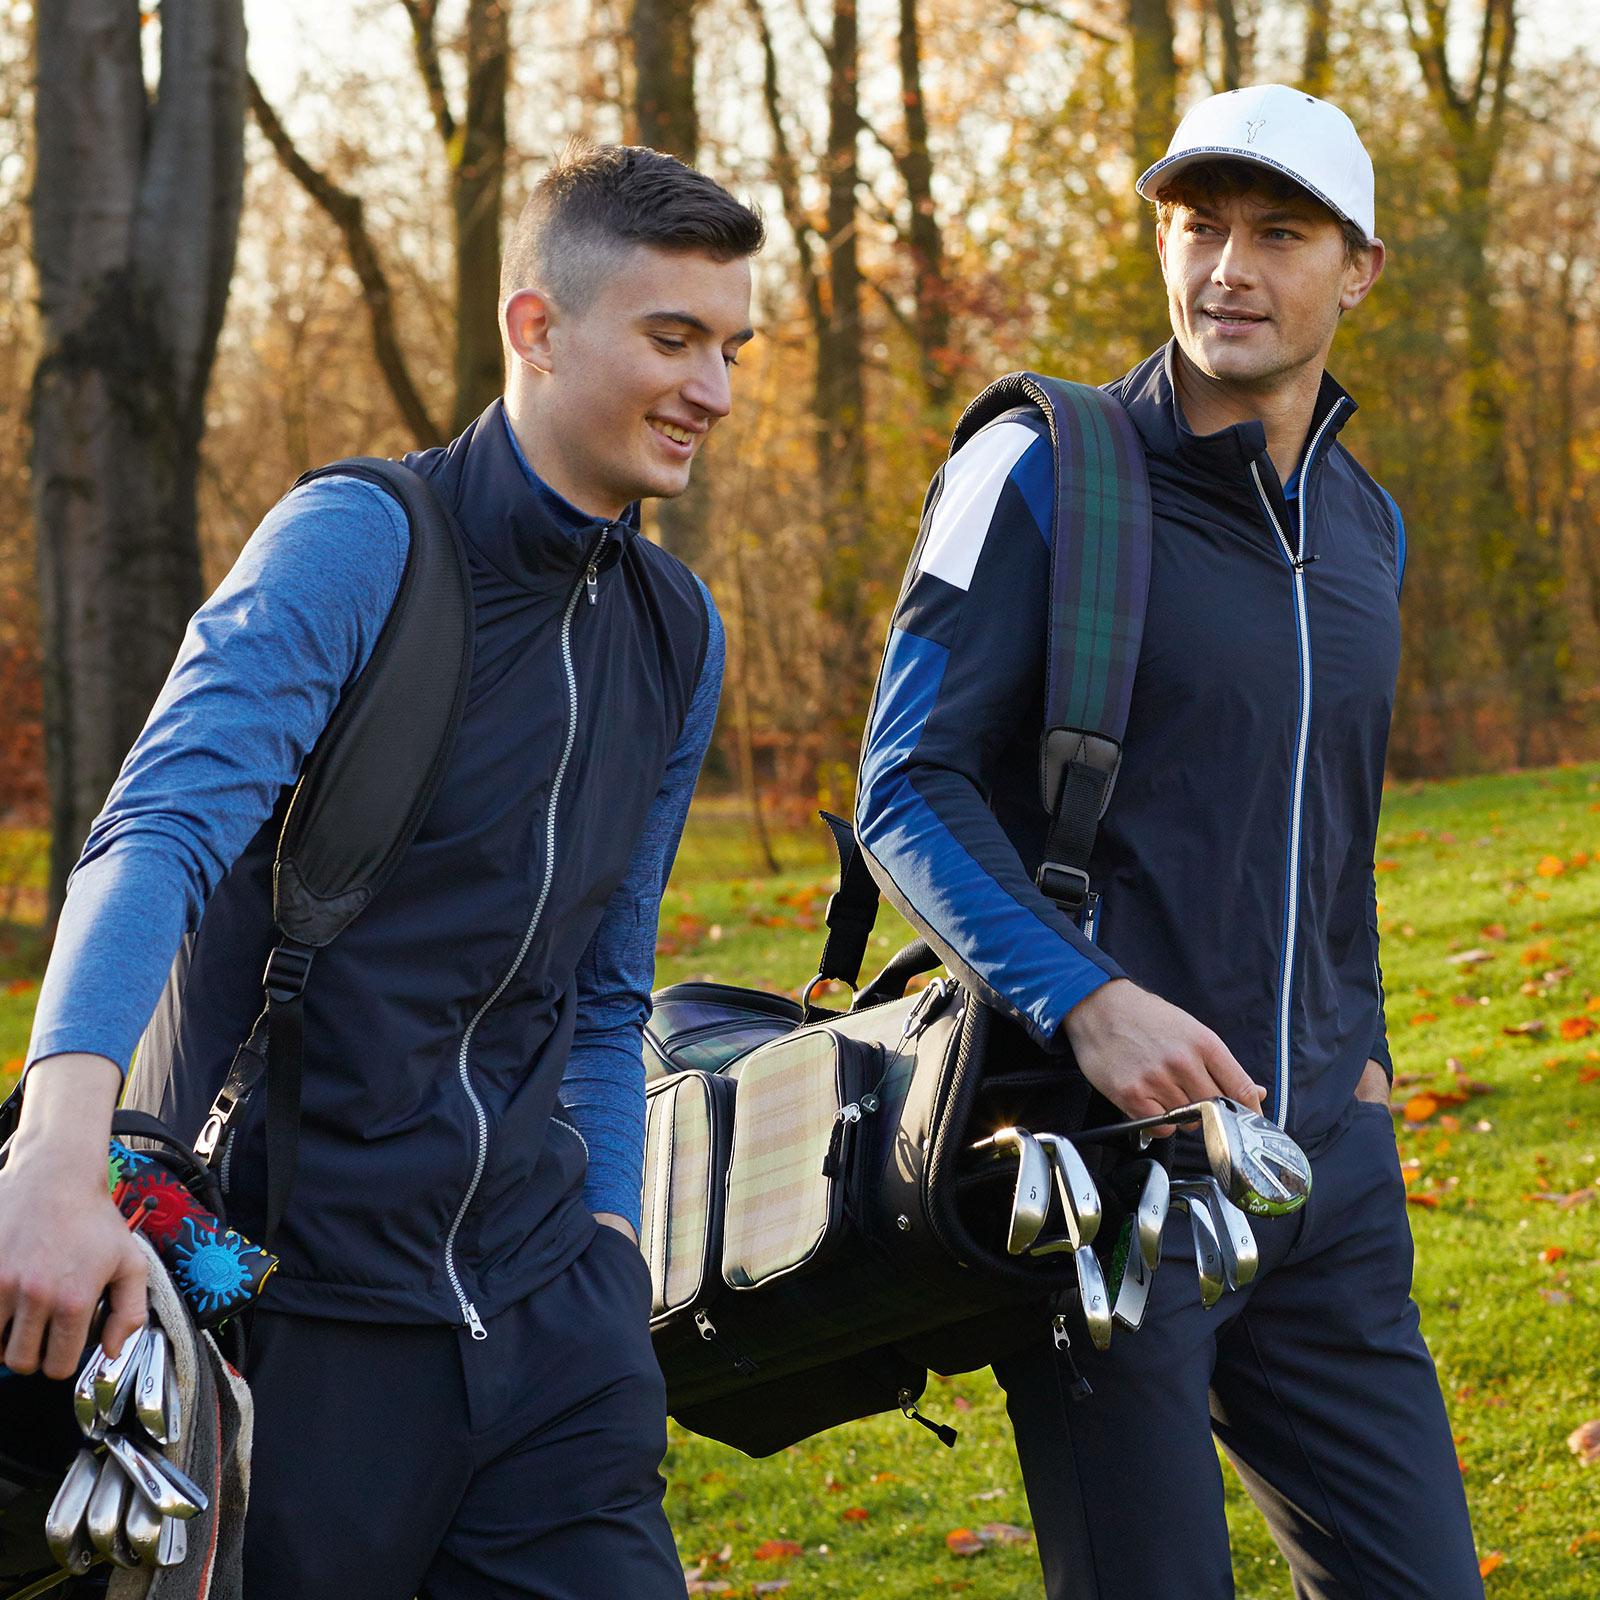 Herren Regen-Stretchhose in Extra-Slim-Fit für Golf und Outdooraktivitäten